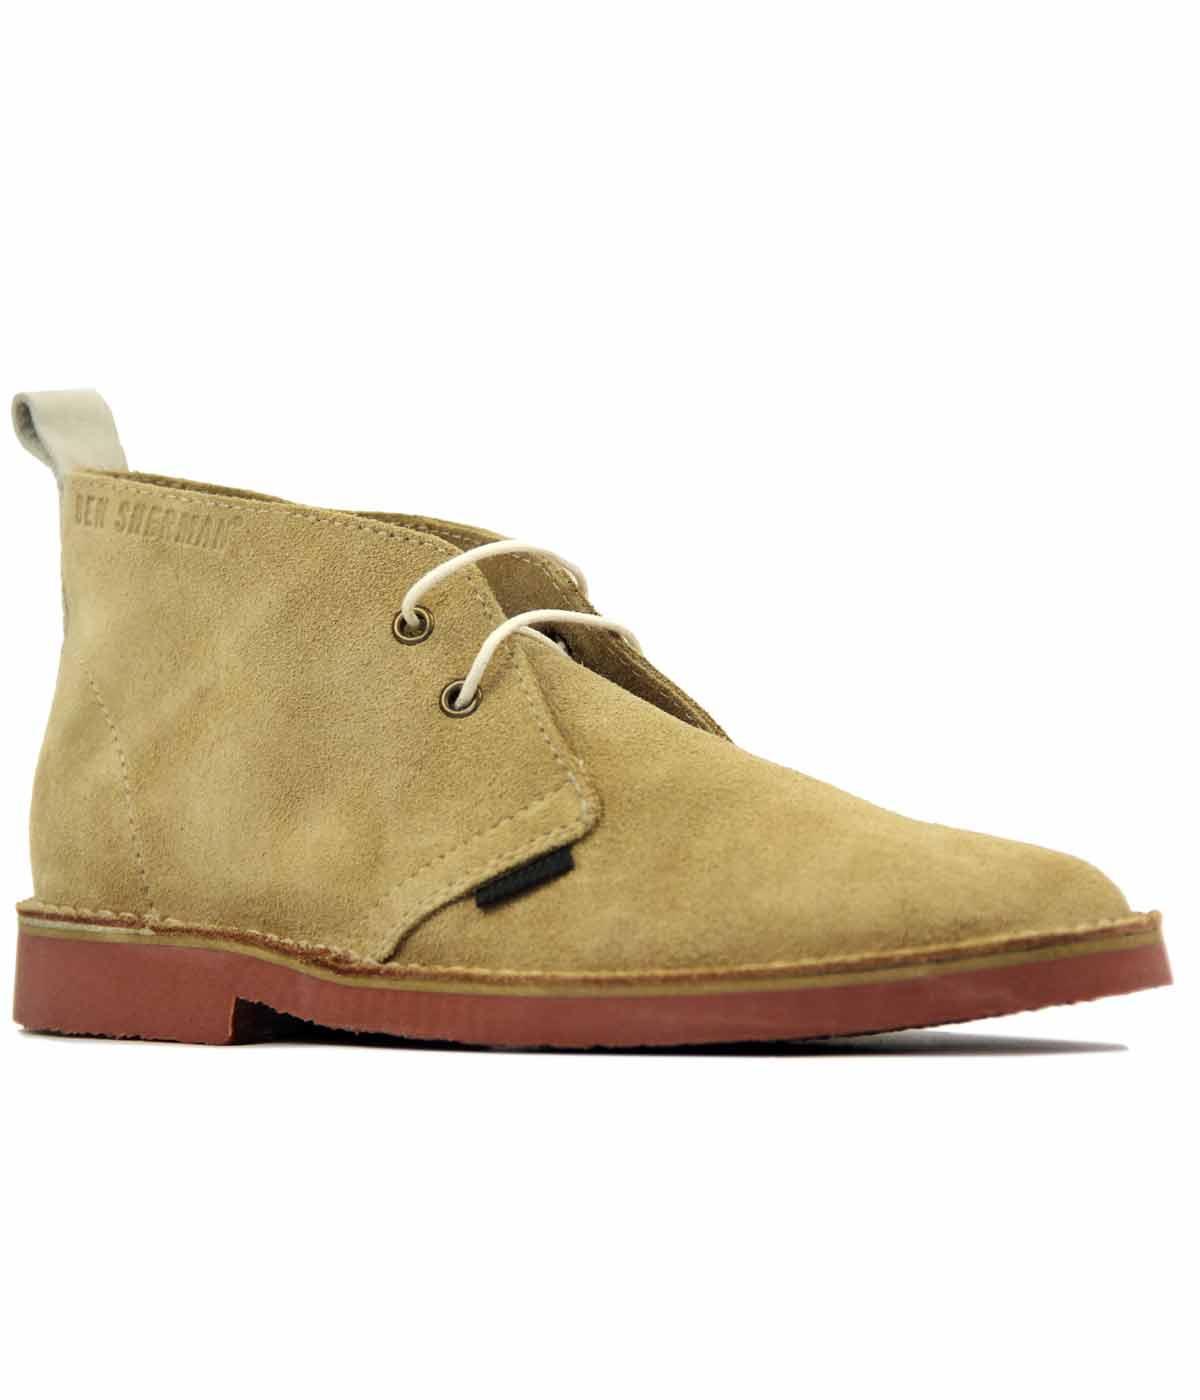 BEN SHERMAN Oleg Desert Boots Retro Mod